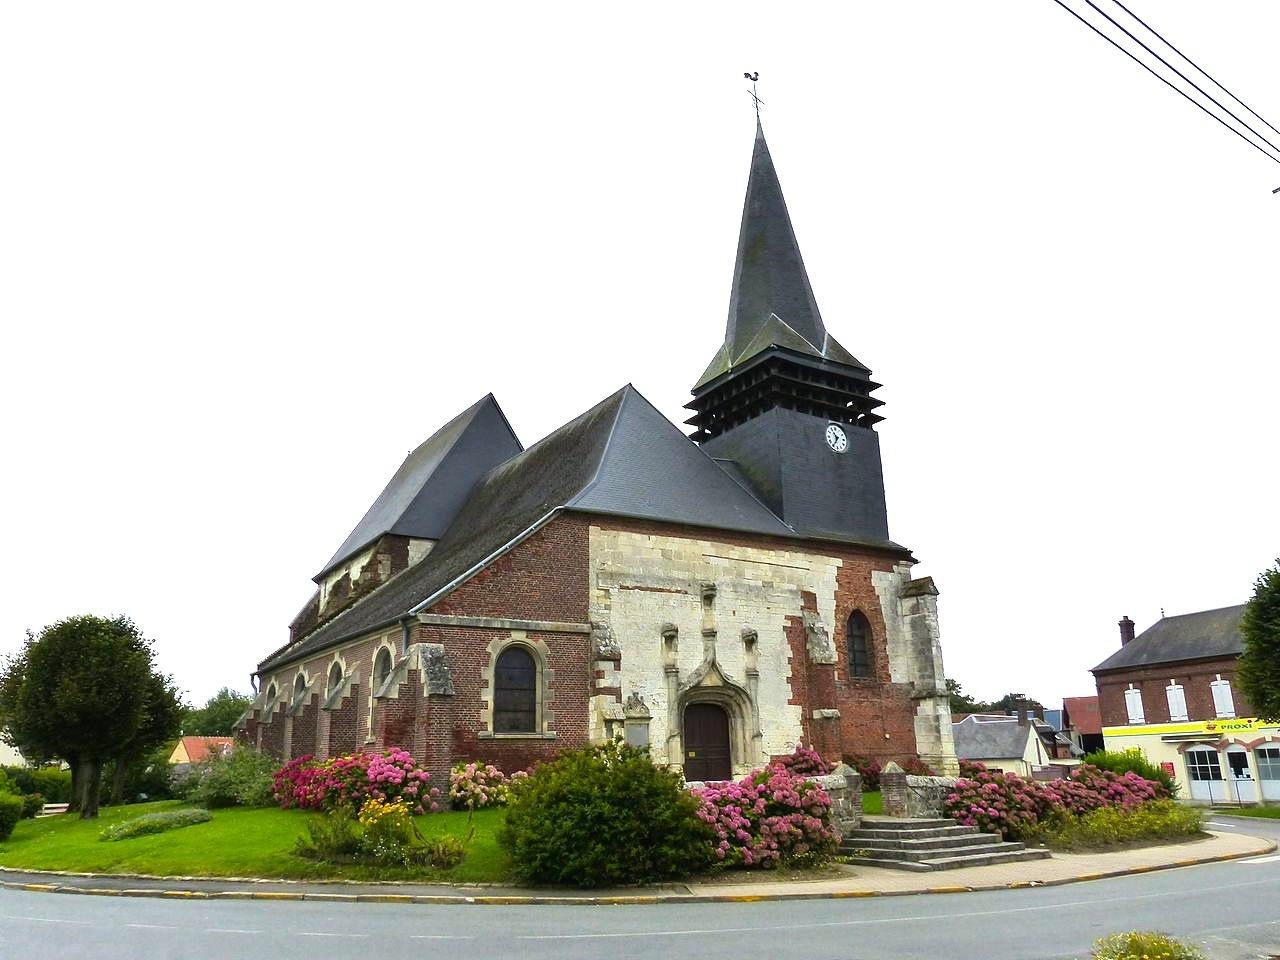 eglise_paroissiale_saint-simon_et_saint-jude_de_wavignies